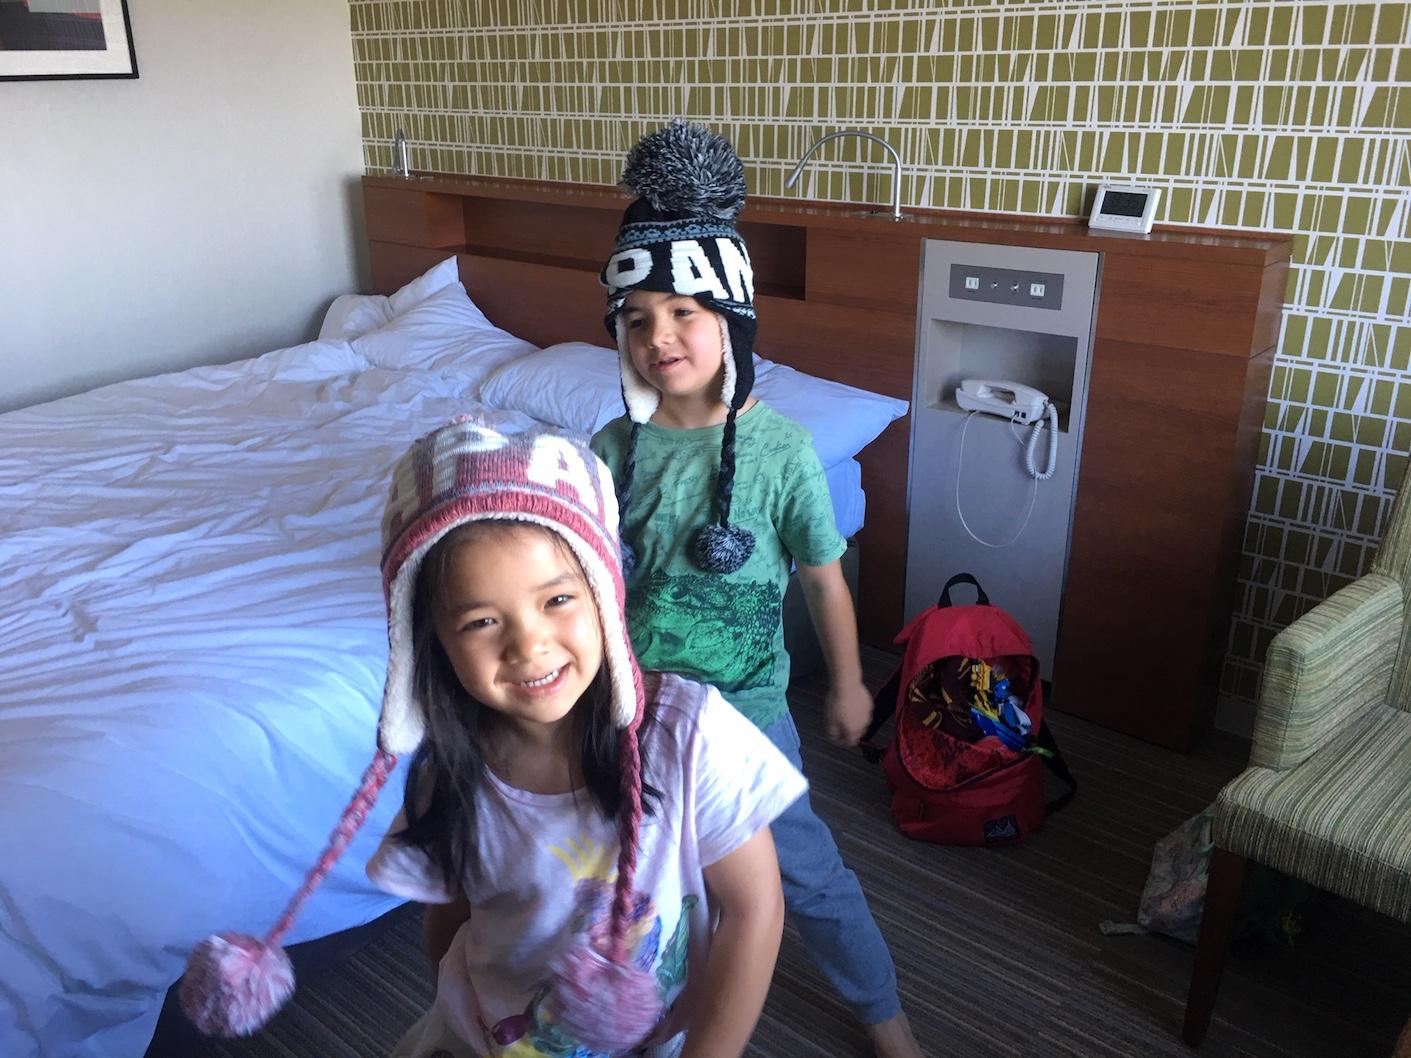 Narita Airport hotel room